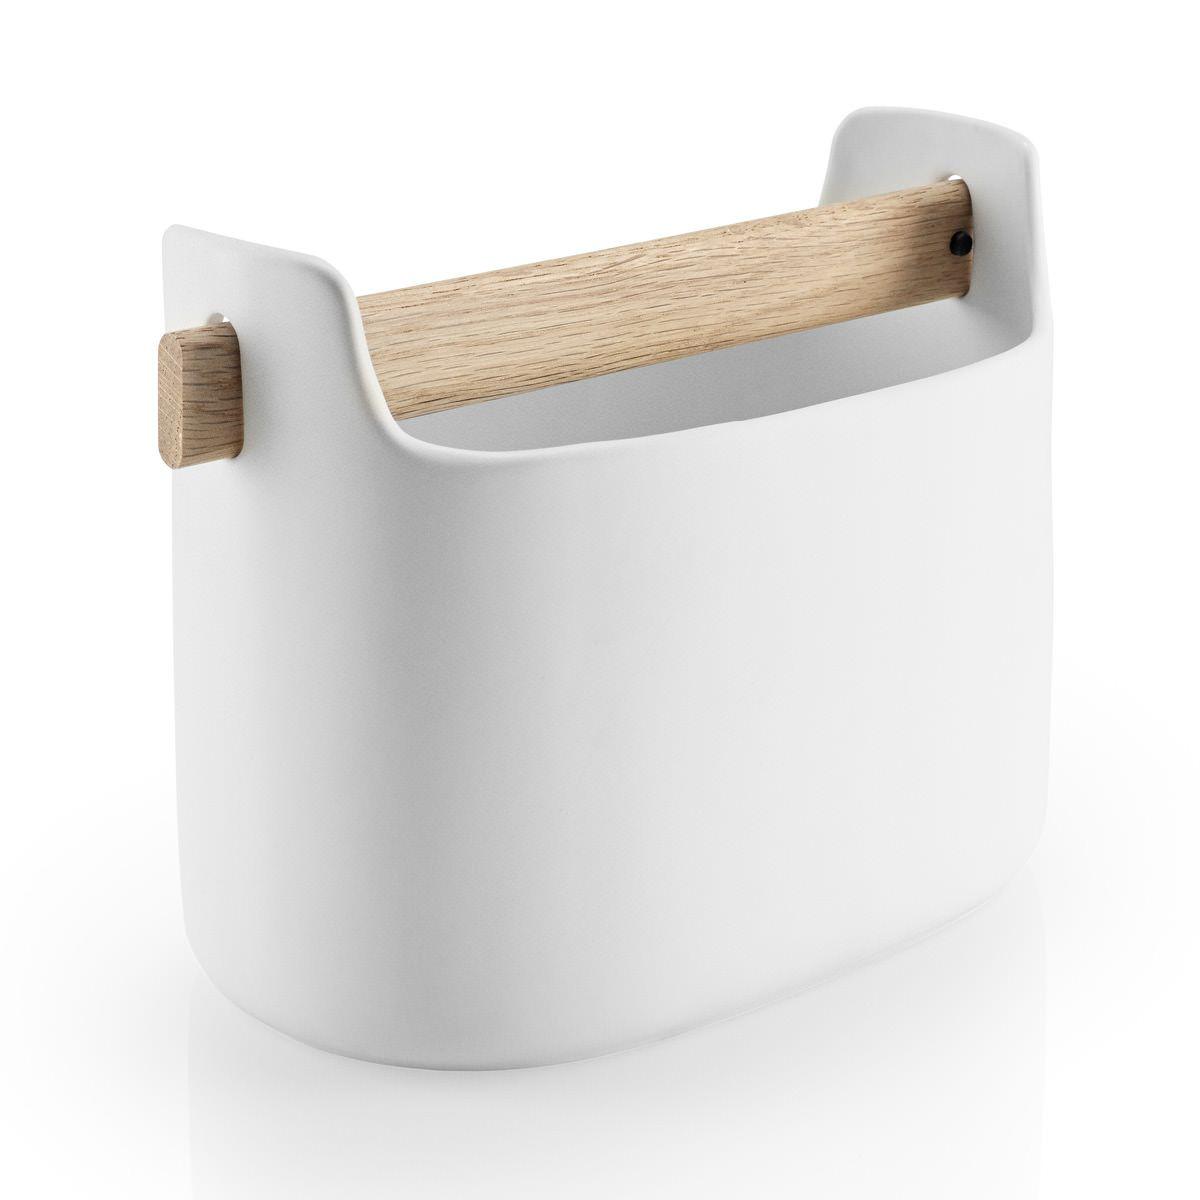 Full Size of Küchen Aufbewahrungsbehälter Eva Solo Aufbewahrungsbehlter Toolbo15 Cm Küche Regal Wohnzimmer Küchen Aufbewahrungsbehälter